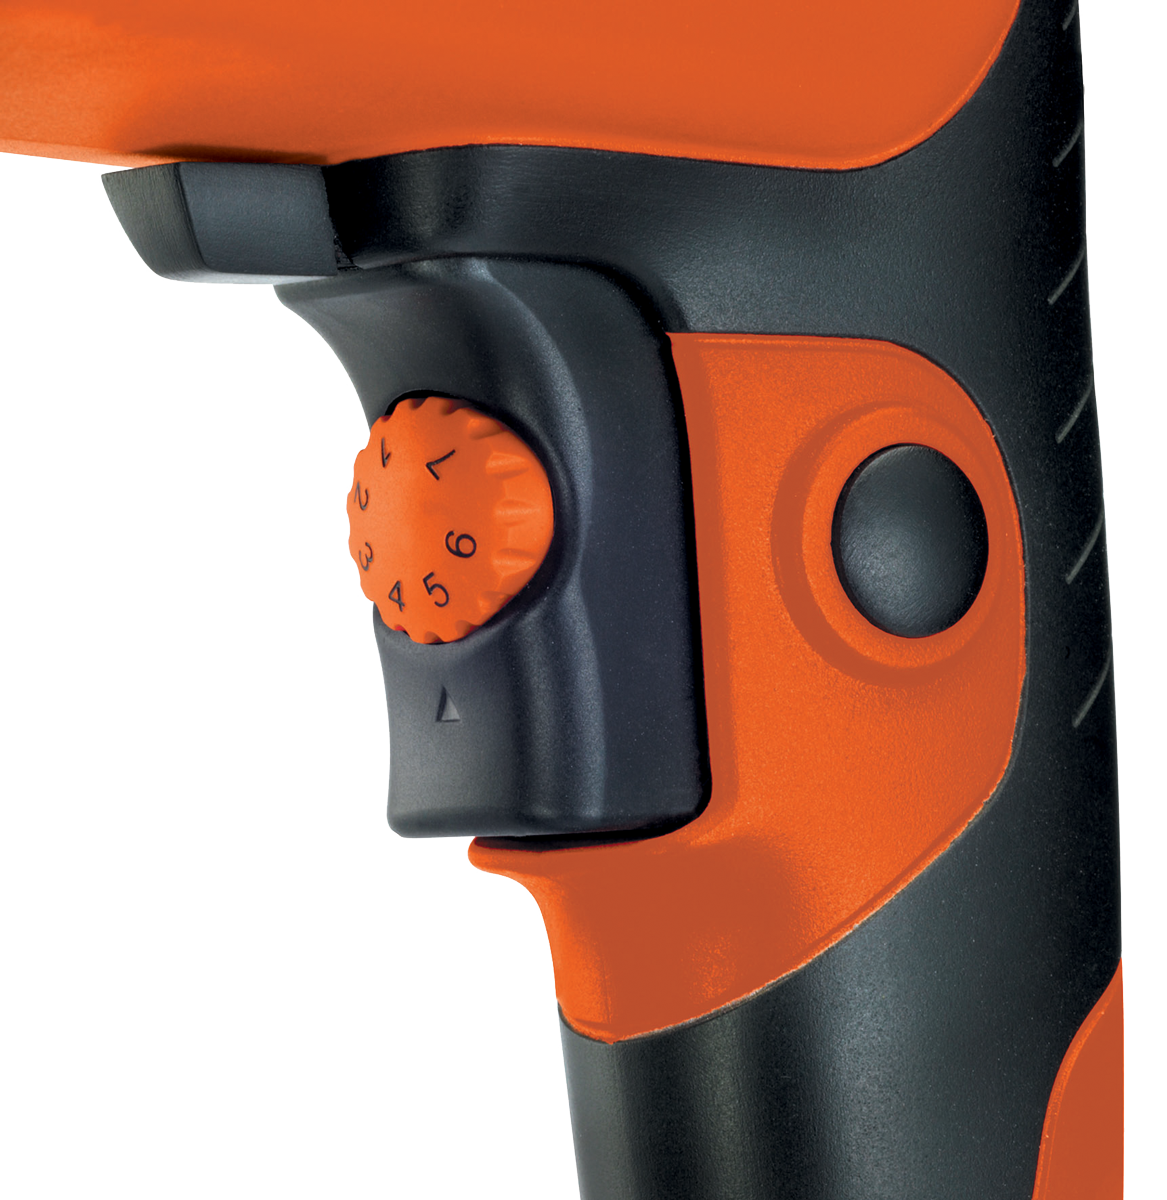 black decker kd975k bohrhammer 710 watt orange schwarz g nstig kaufen bohr und. Black Bedroom Furniture Sets. Home Design Ideas